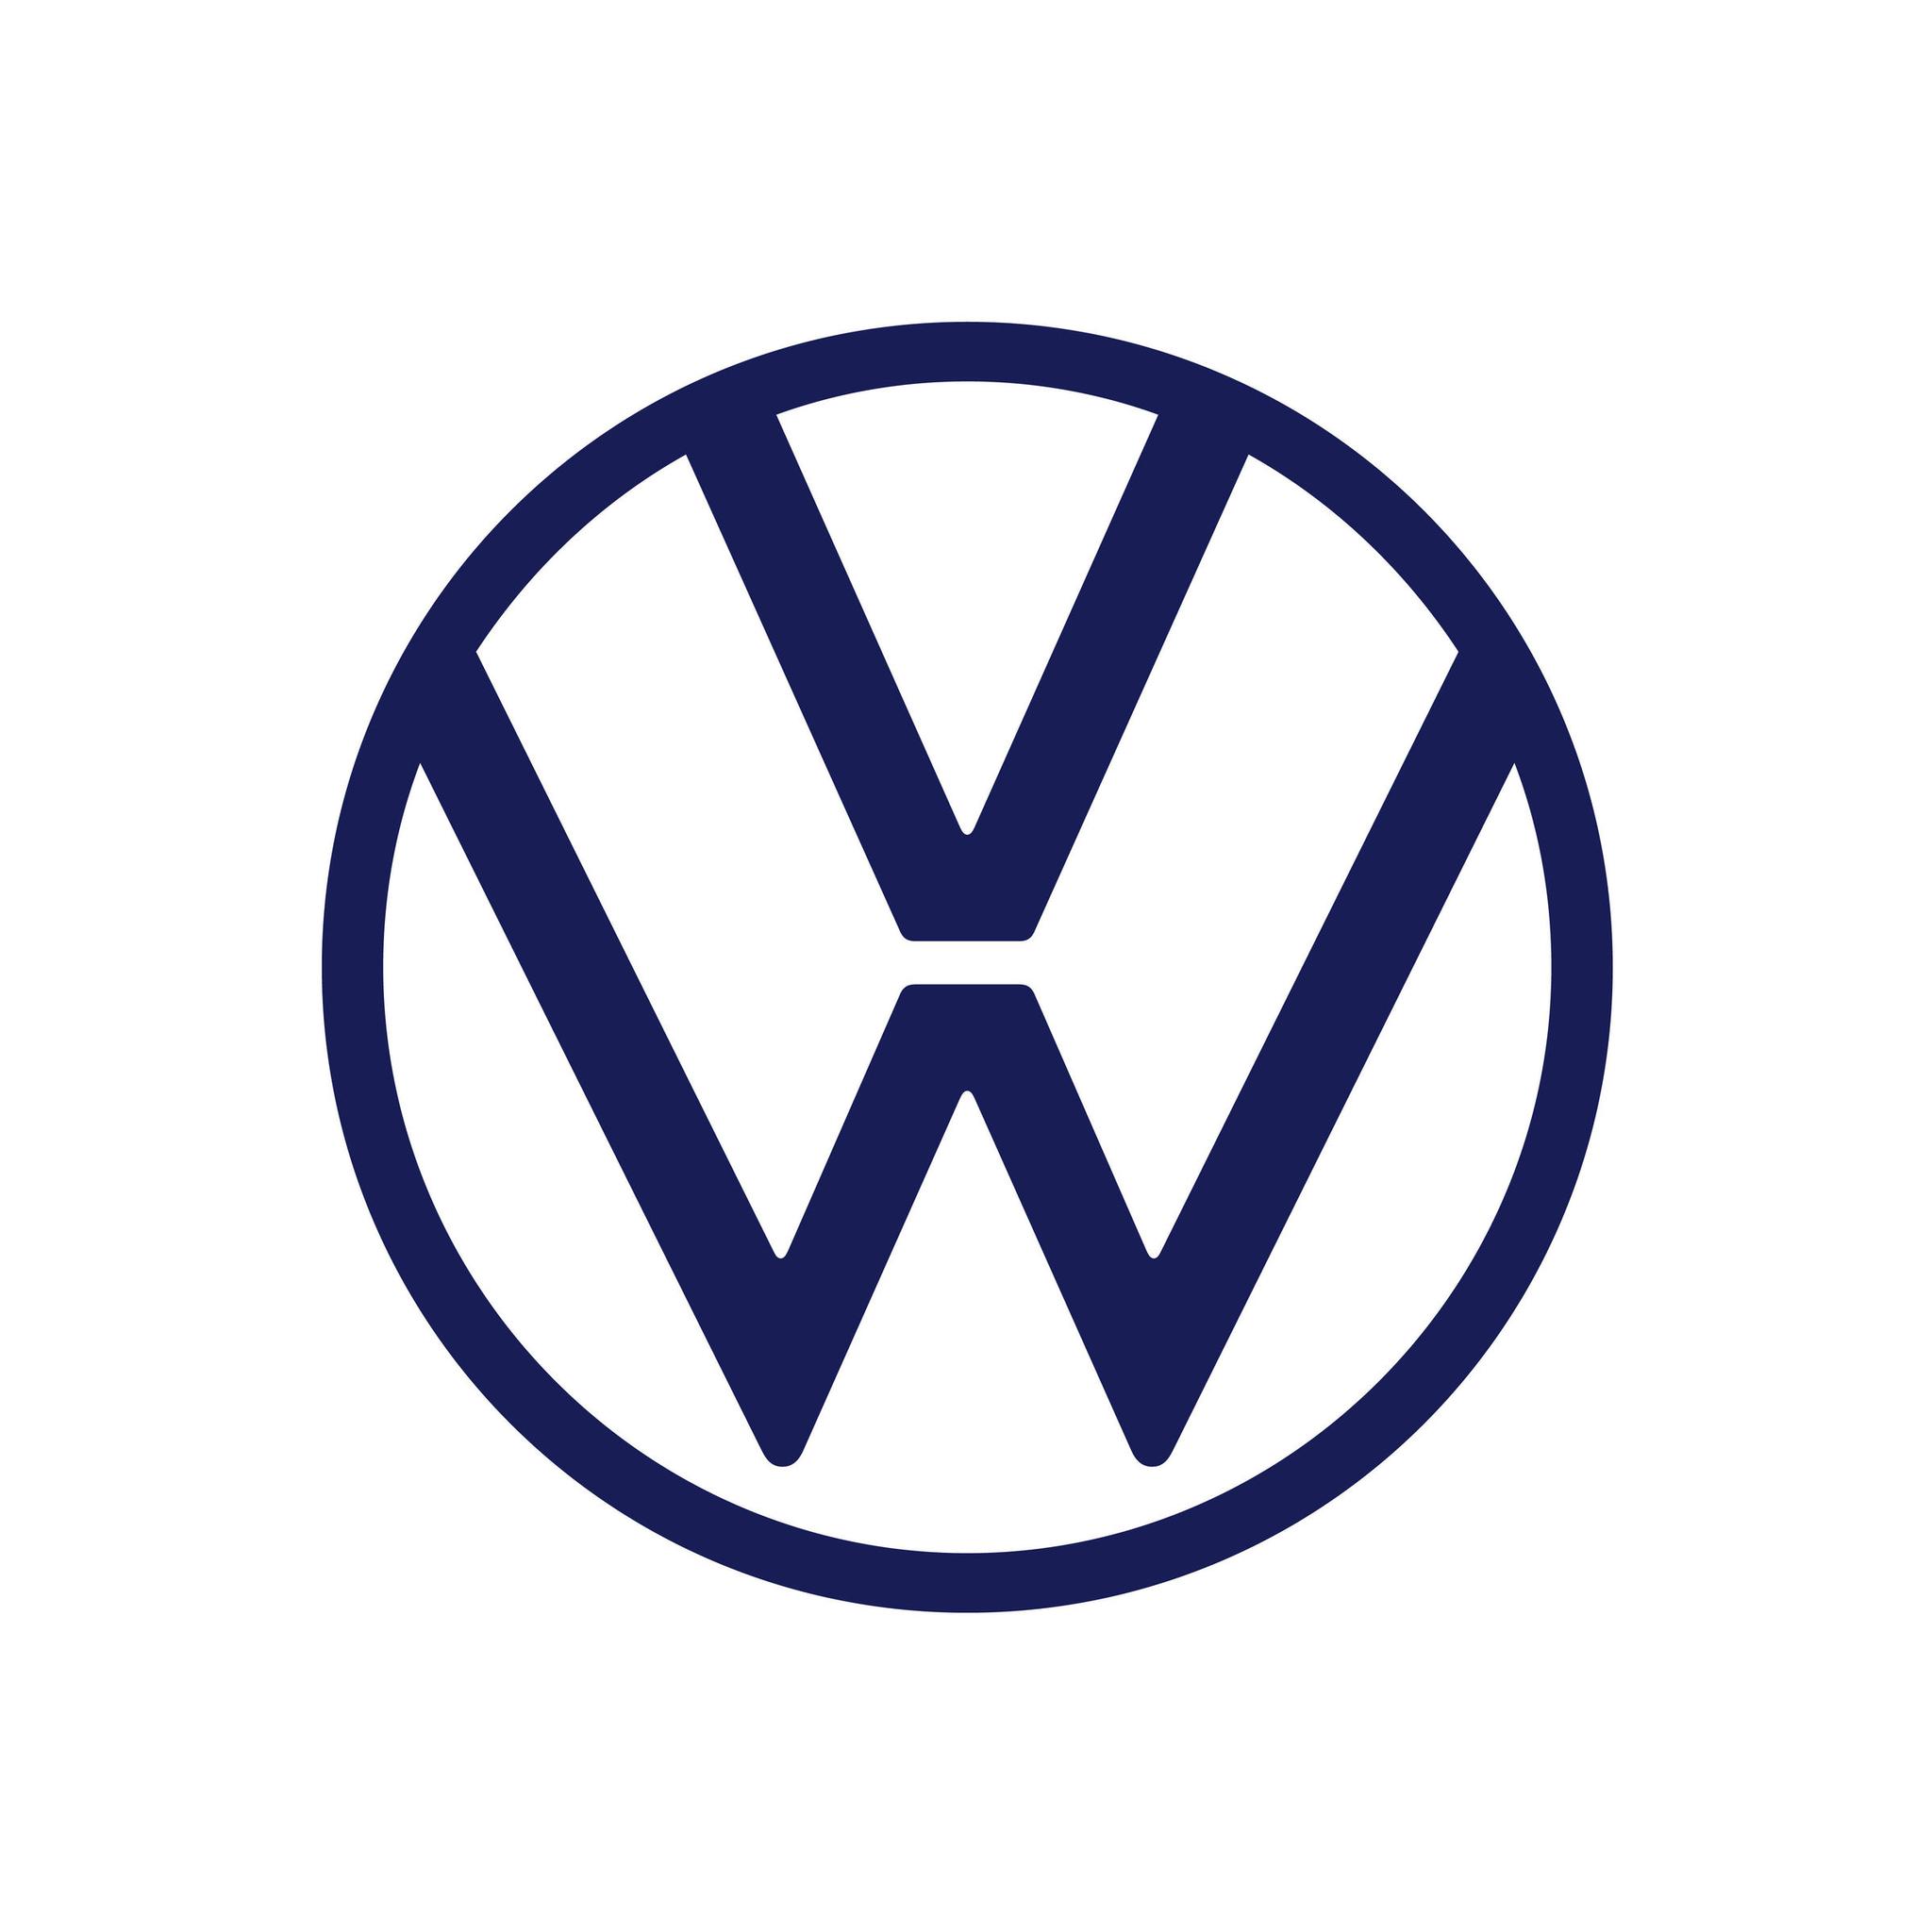 폴크스바겐이 19년 만에 기업이미지(CI)와 브랜드 로고를 변경했다. 디지털 시대에 맞게 단순화하고 다양한 플랫폼에 맞춰 변화를 줄 수 있게 한 게 특징이다. [사진 폴크스바겐]